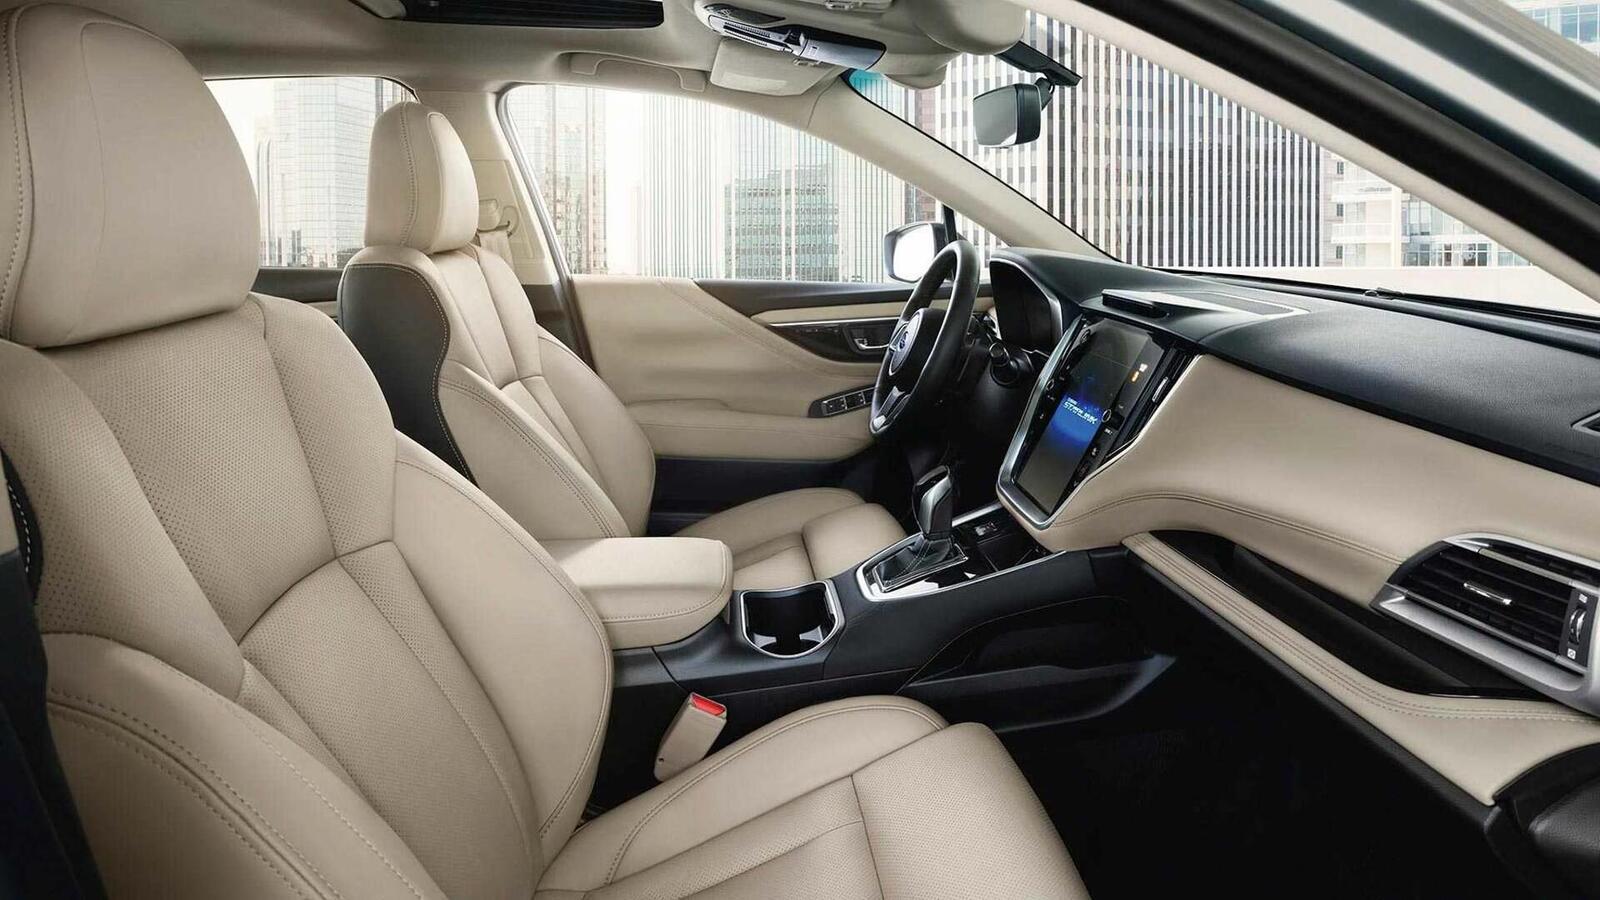 Subaru Legacy thế hệ mới ra mắt; đổi mới thiết kế; có thêm động cơ 2.5L tăng áp - Hình 7